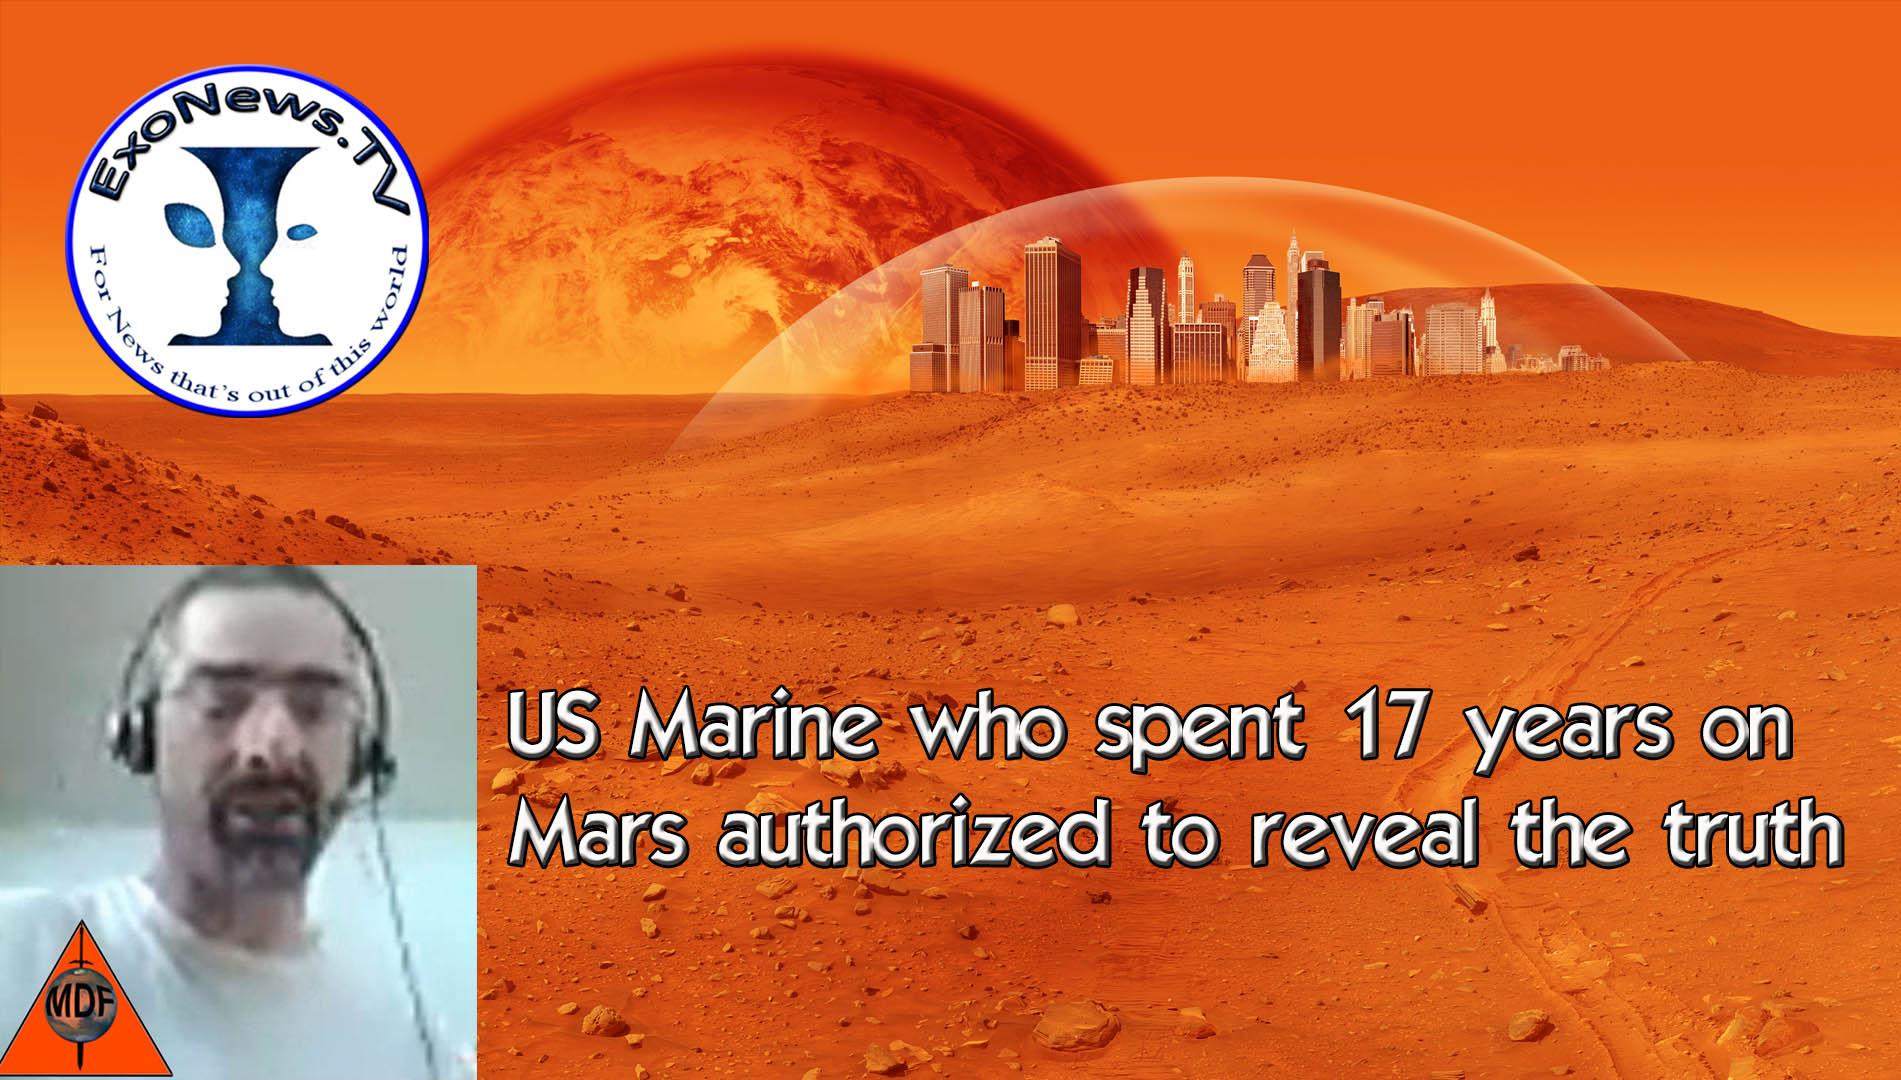 【※衝撃】「17年間火星に派遣されていた!』アメリカの海兵隊員が内部告発!火星人との戦闘対戦を赤裸々暴露!!